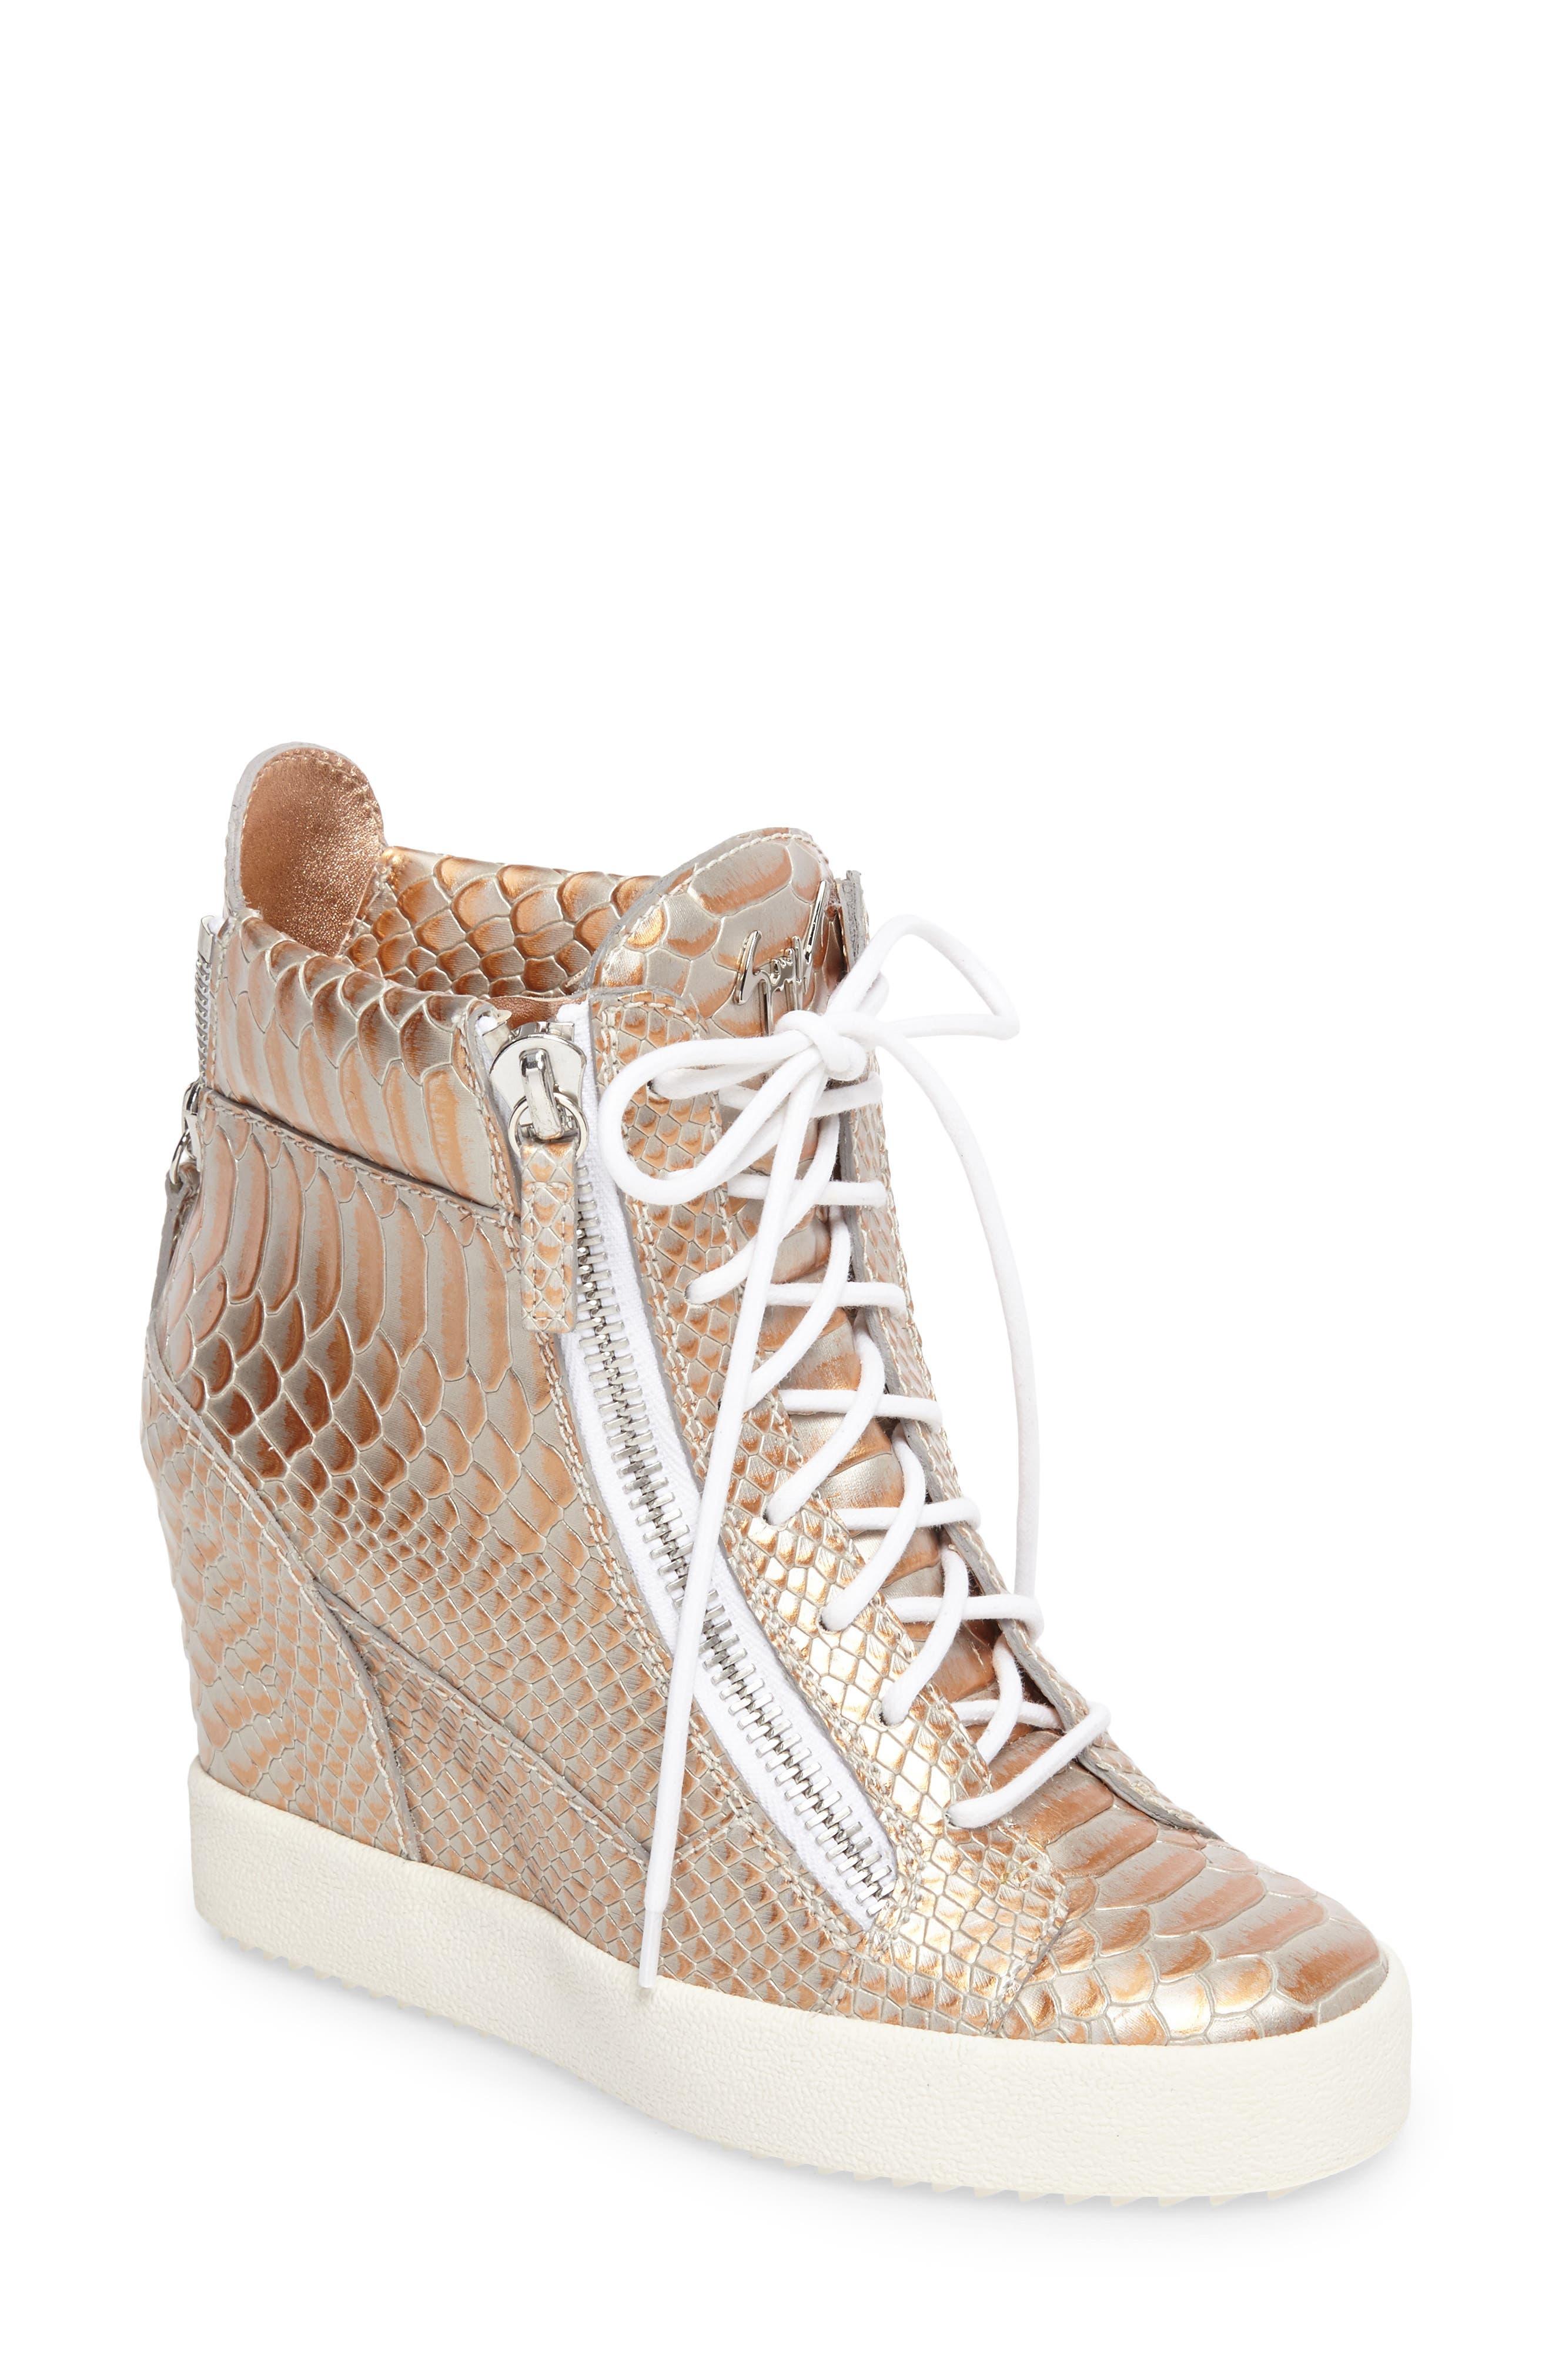 Lamay Lorenz High Top Wedge Sneaker,                         Main,                         color, 710